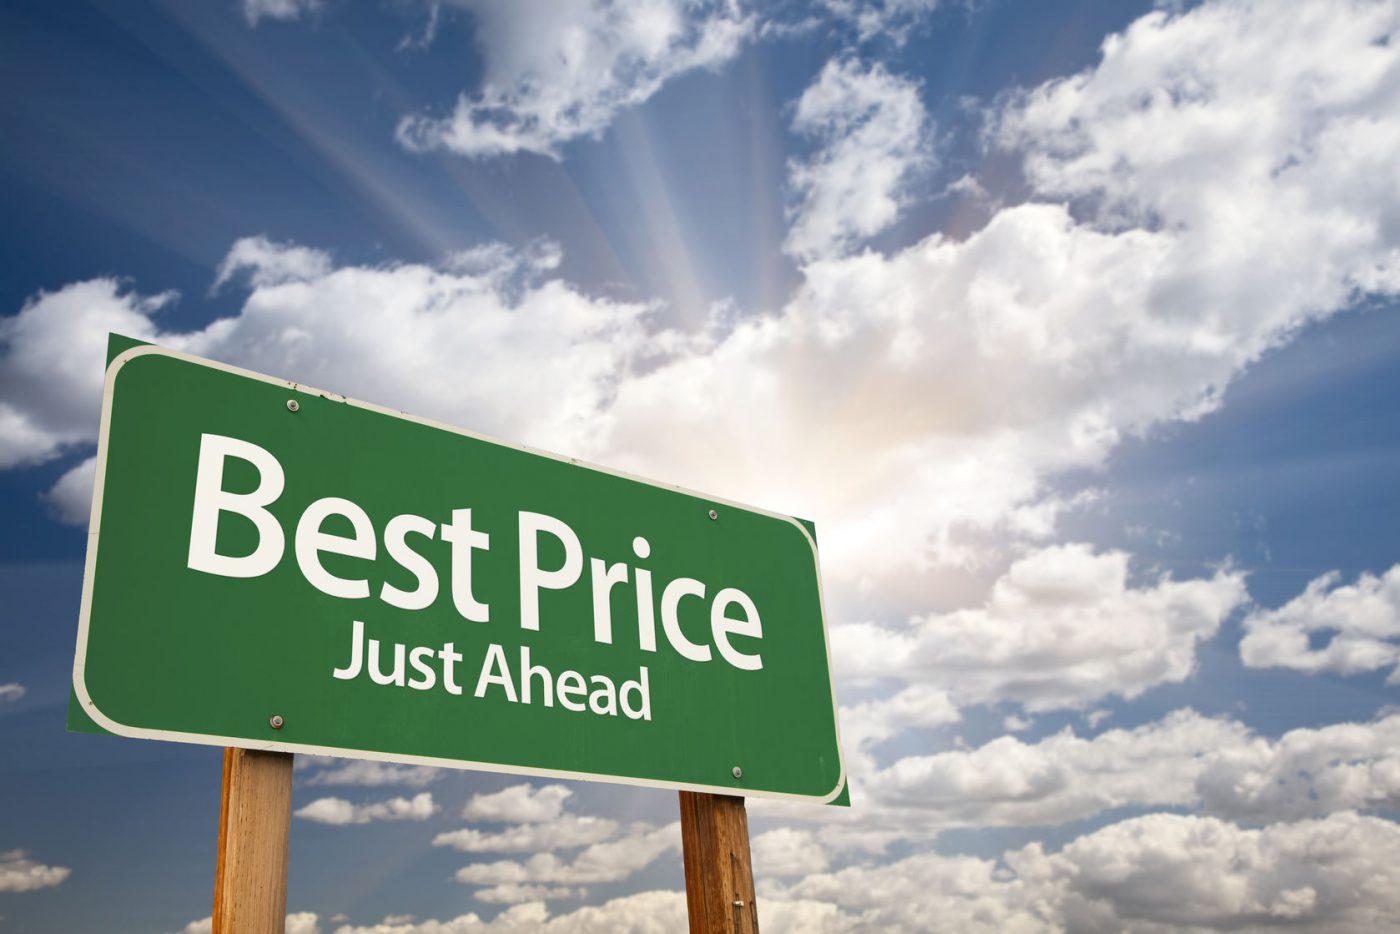 Hoe krijg je de beste prijs tijdens een debt sale